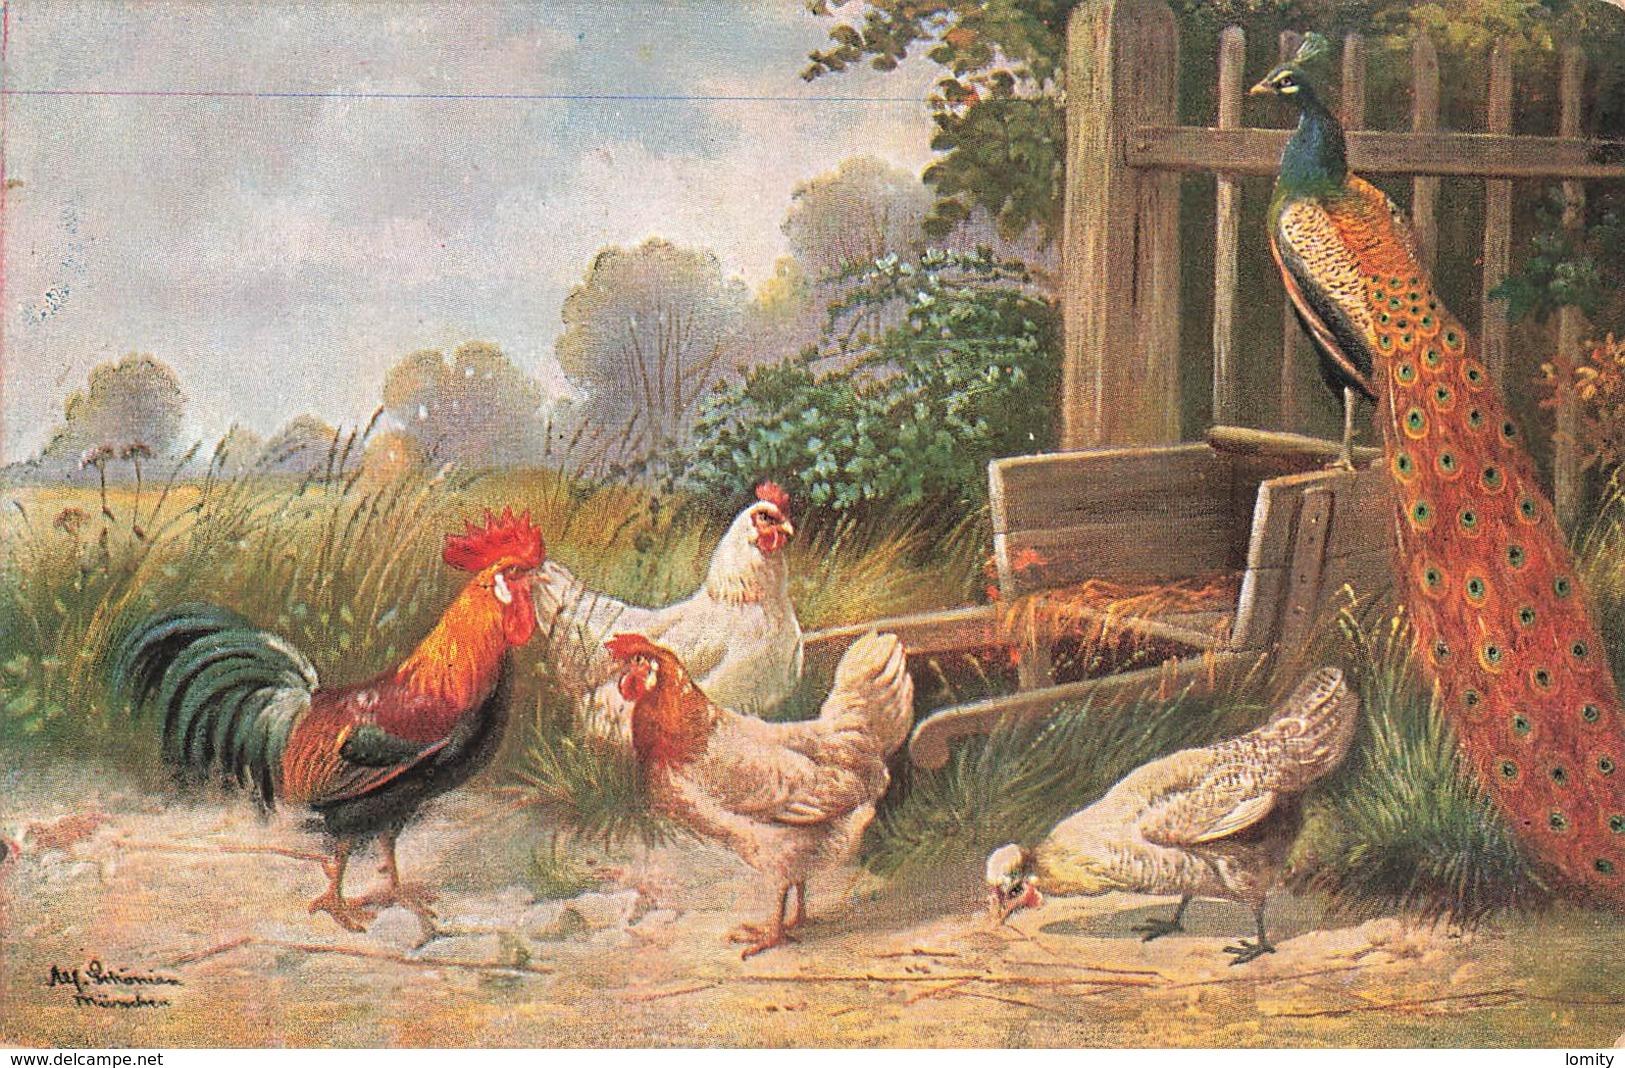 Animal Animaux Coq Poule Paon Oiseau Oiseaux Gallinacé Gallinacés Illustration - Birds